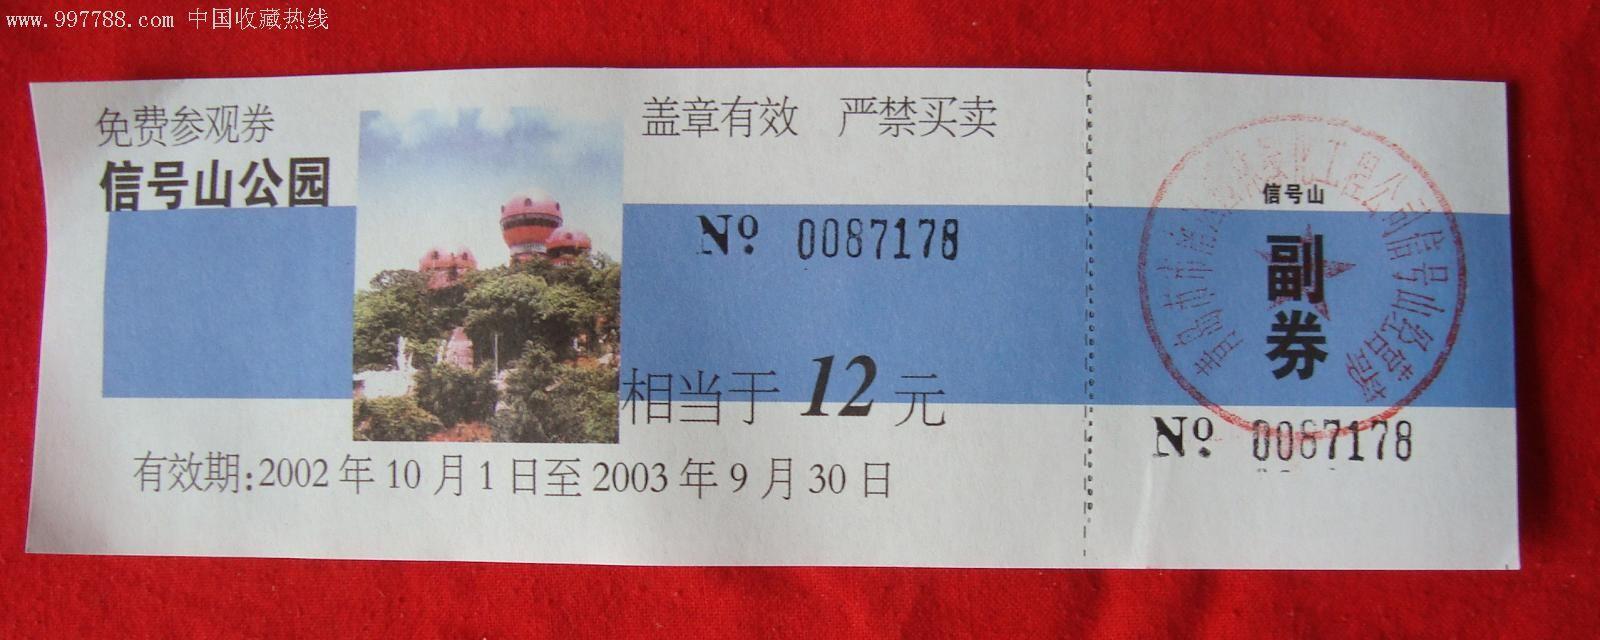 青岛市信号山公园免费参观卷